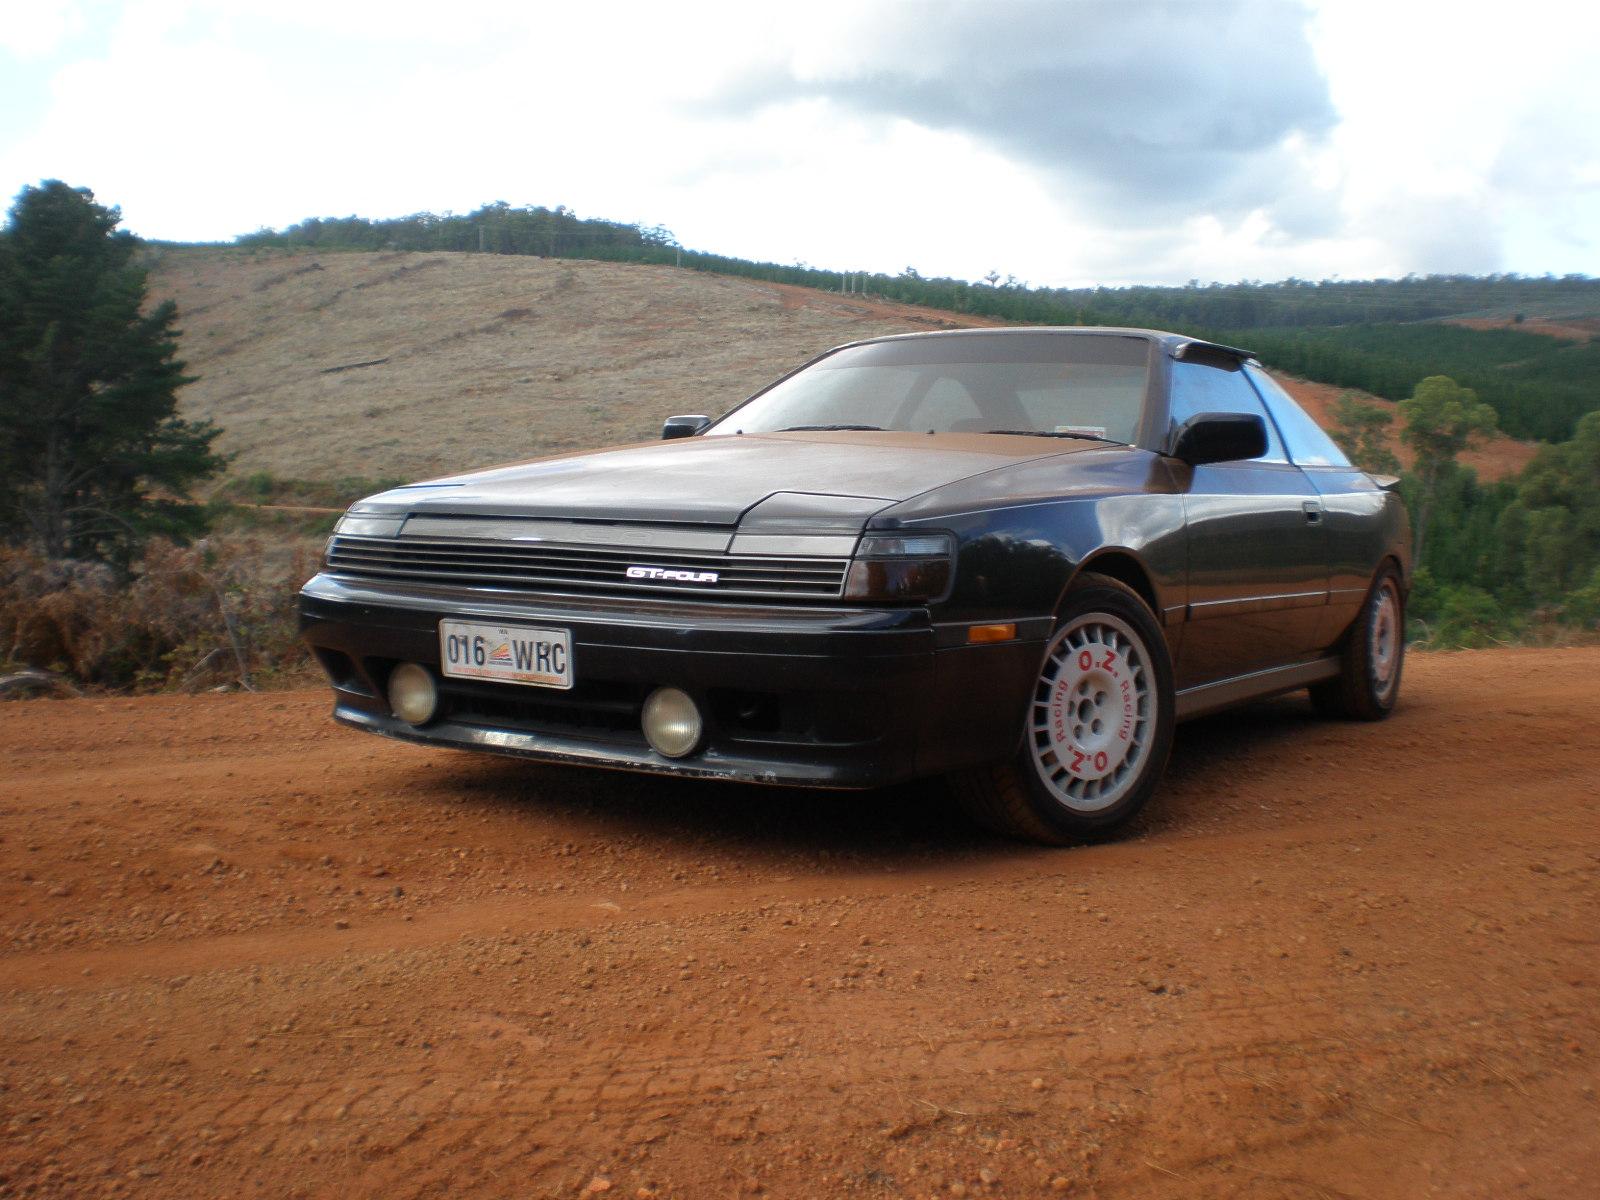 Toyota Селика 1989 #10